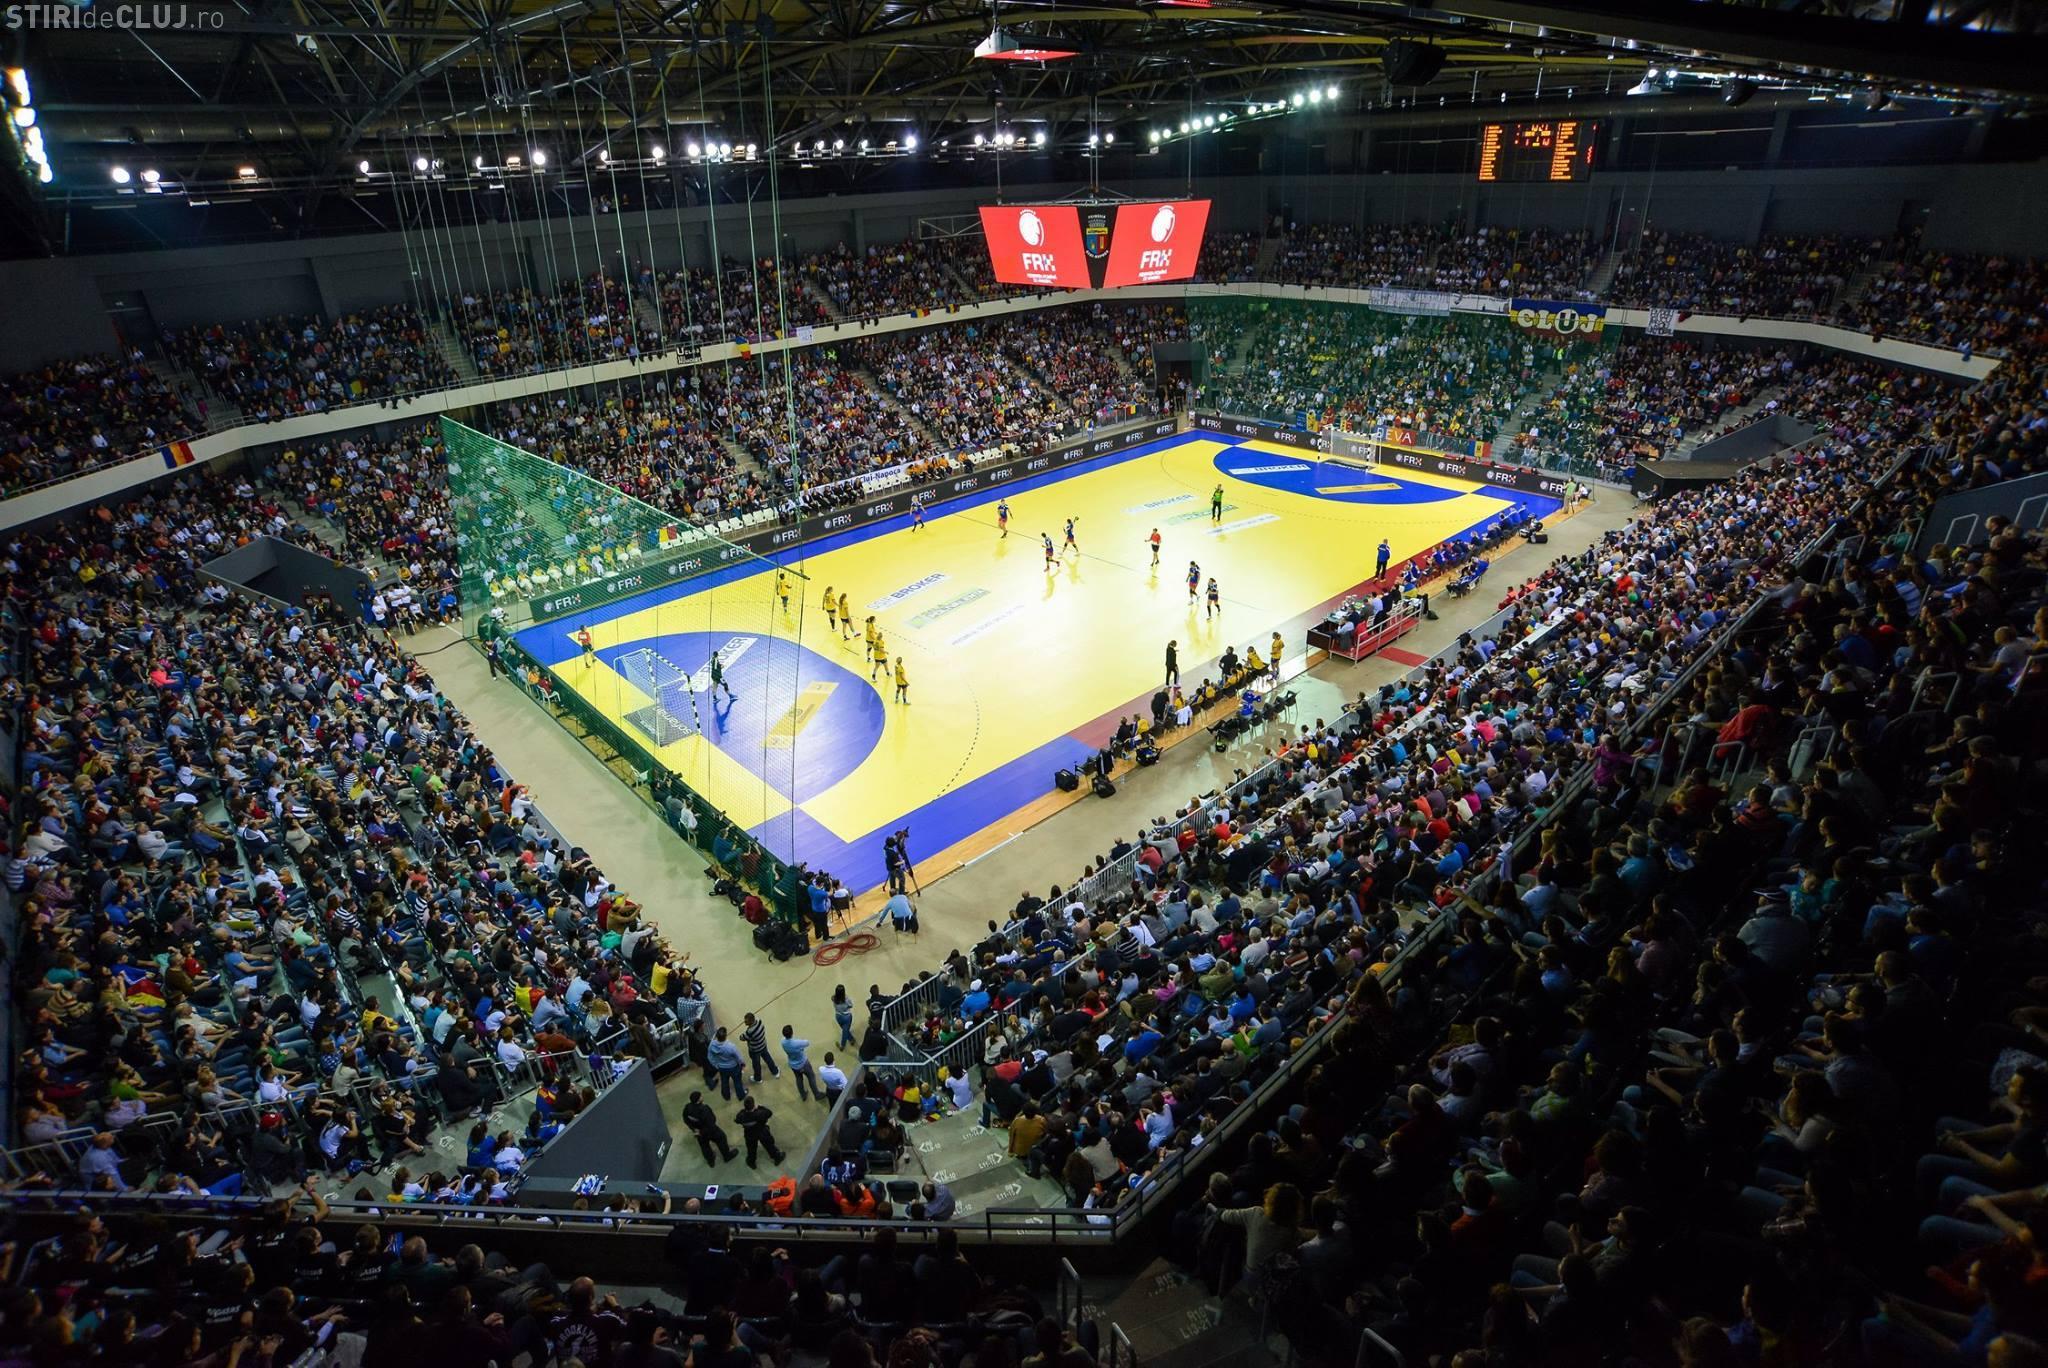 Începe Trofeul Carpați la handbal feminin, la Cluj. Vezi care este programul meciurilor